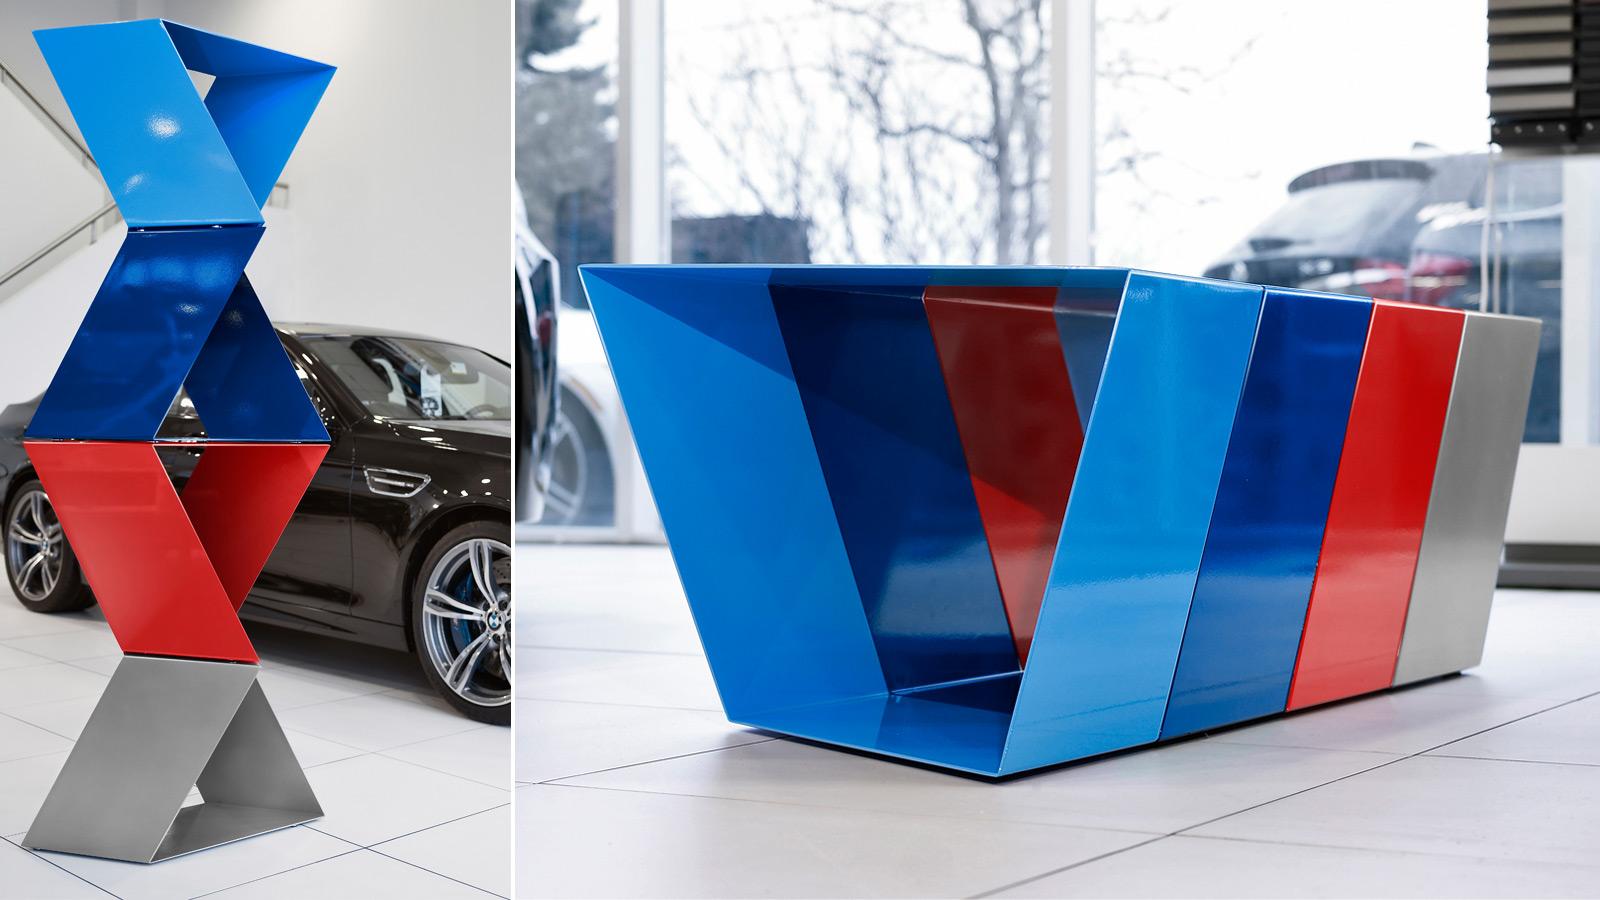 BMW Canada | Mobilier BMW M | Agence créative, Design, Publicité, Stratégie, Stratégie de marque